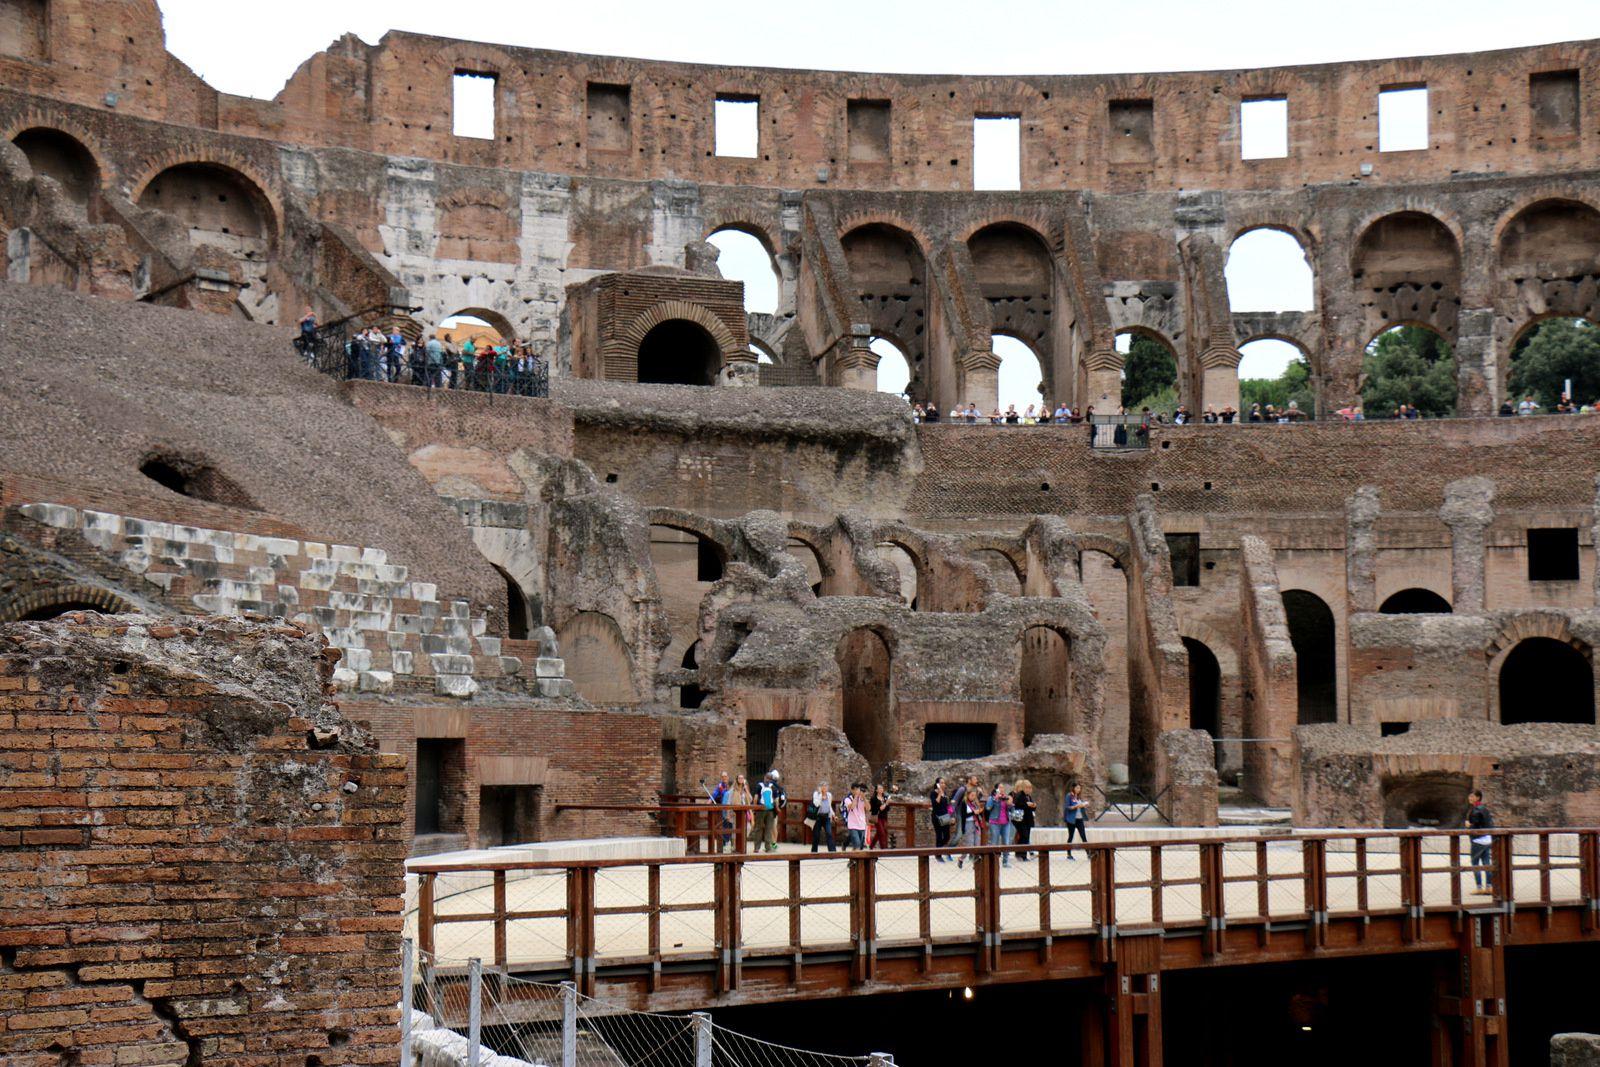 L'intérieur du Colisée de Rome